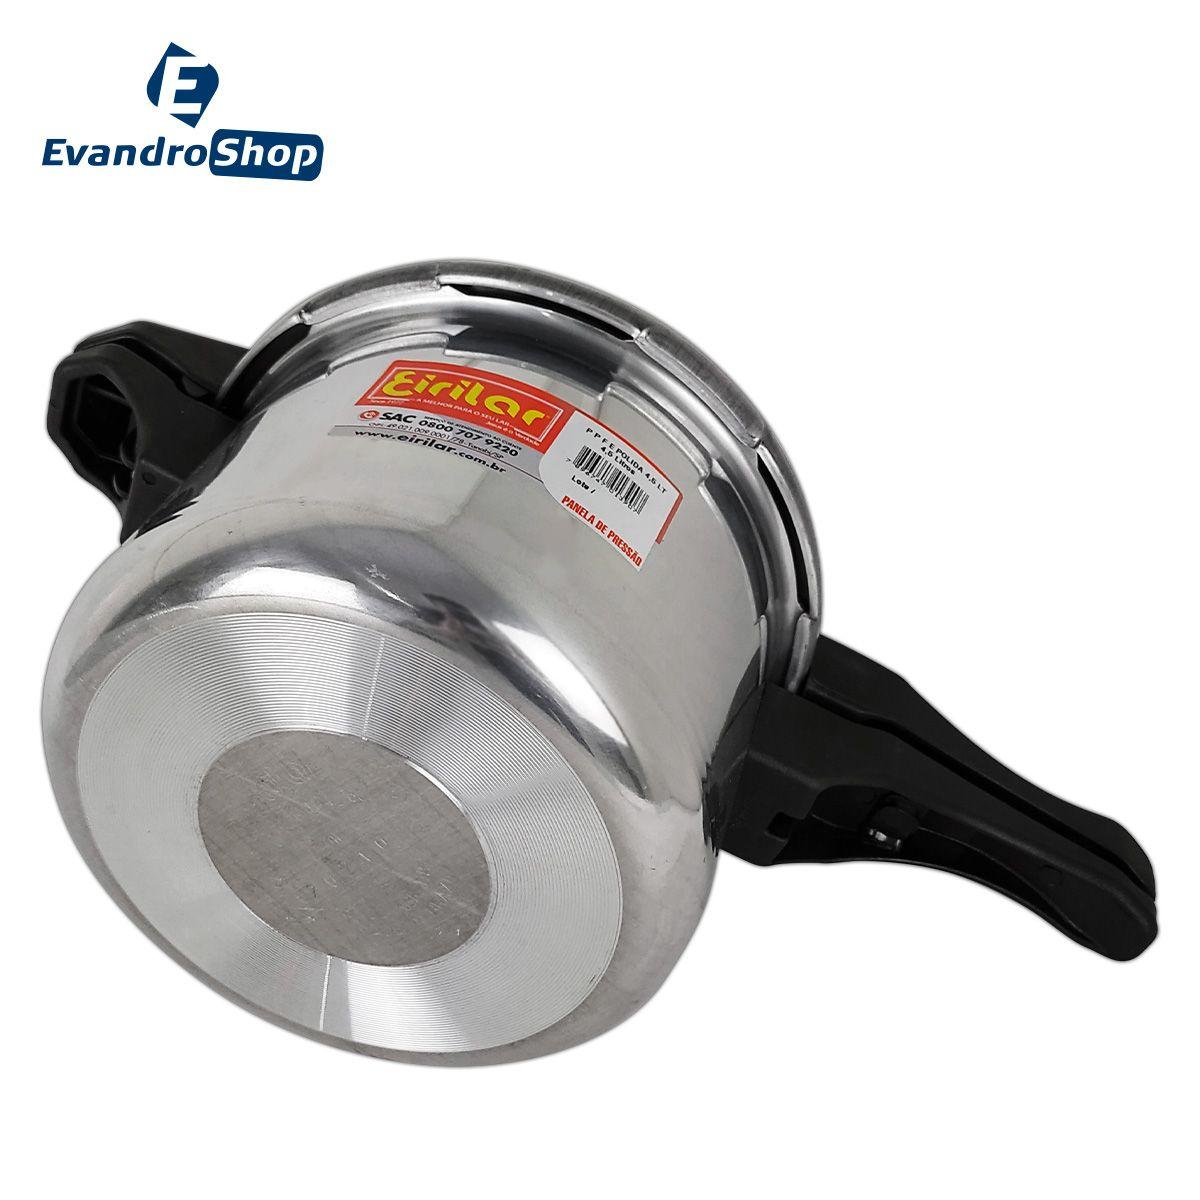 Panela De Pressão Fechamento Externo Aluminio 4,5 Litros - Eirilar